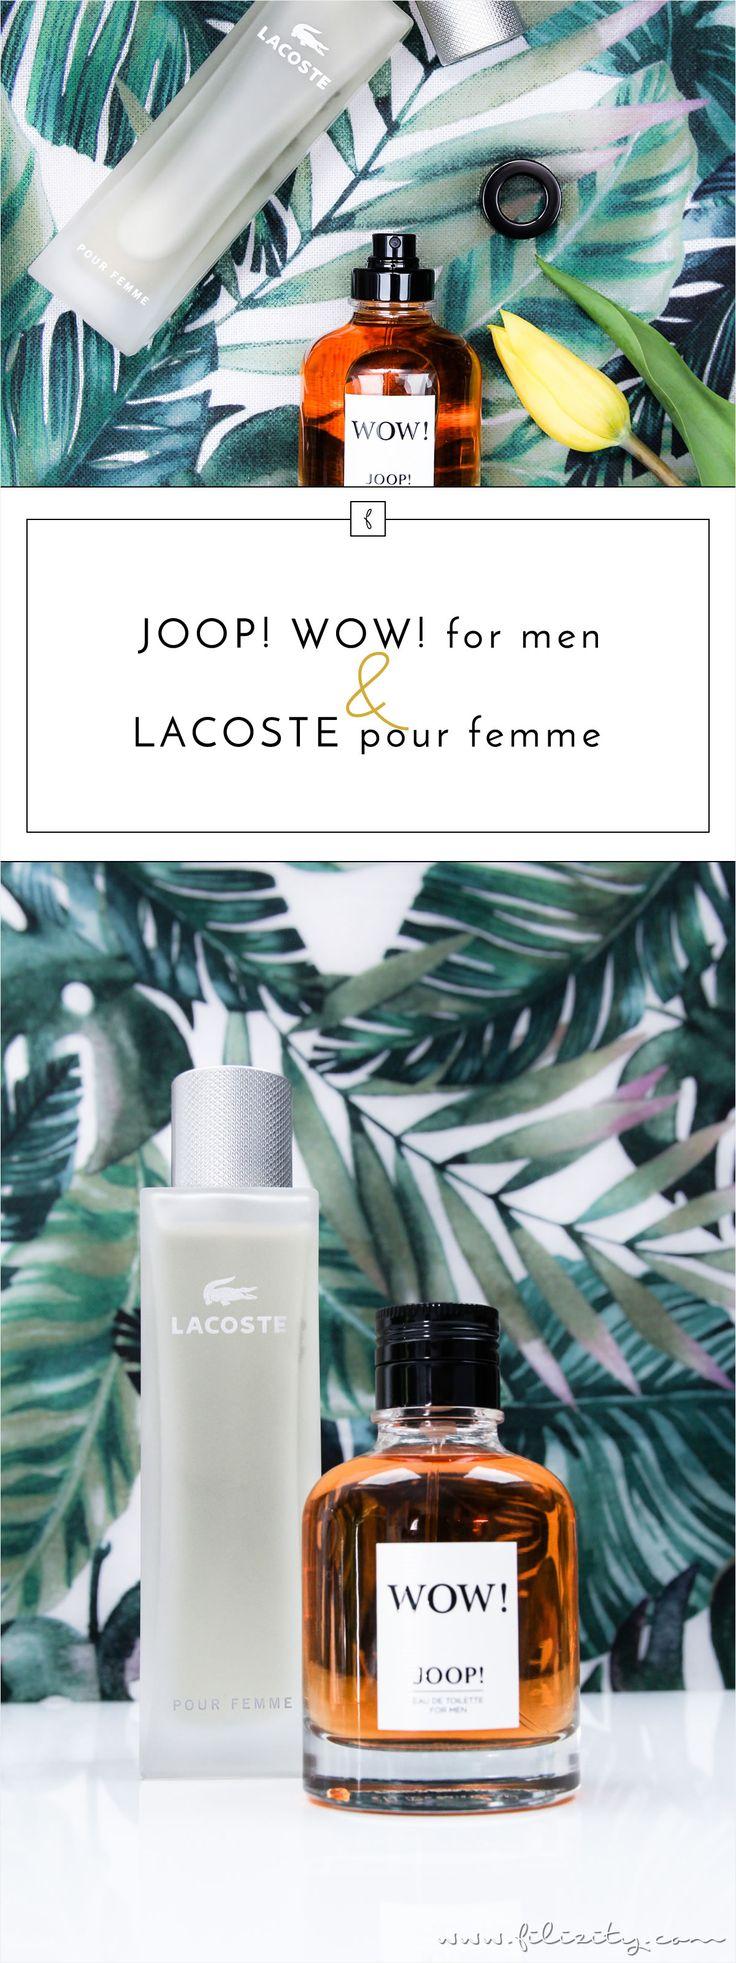 Vorstellung und Verlosung: Lacoste Pour Femme Eau de Parfum Légère & JOOP! WOW! Eau de Toilette für Herren